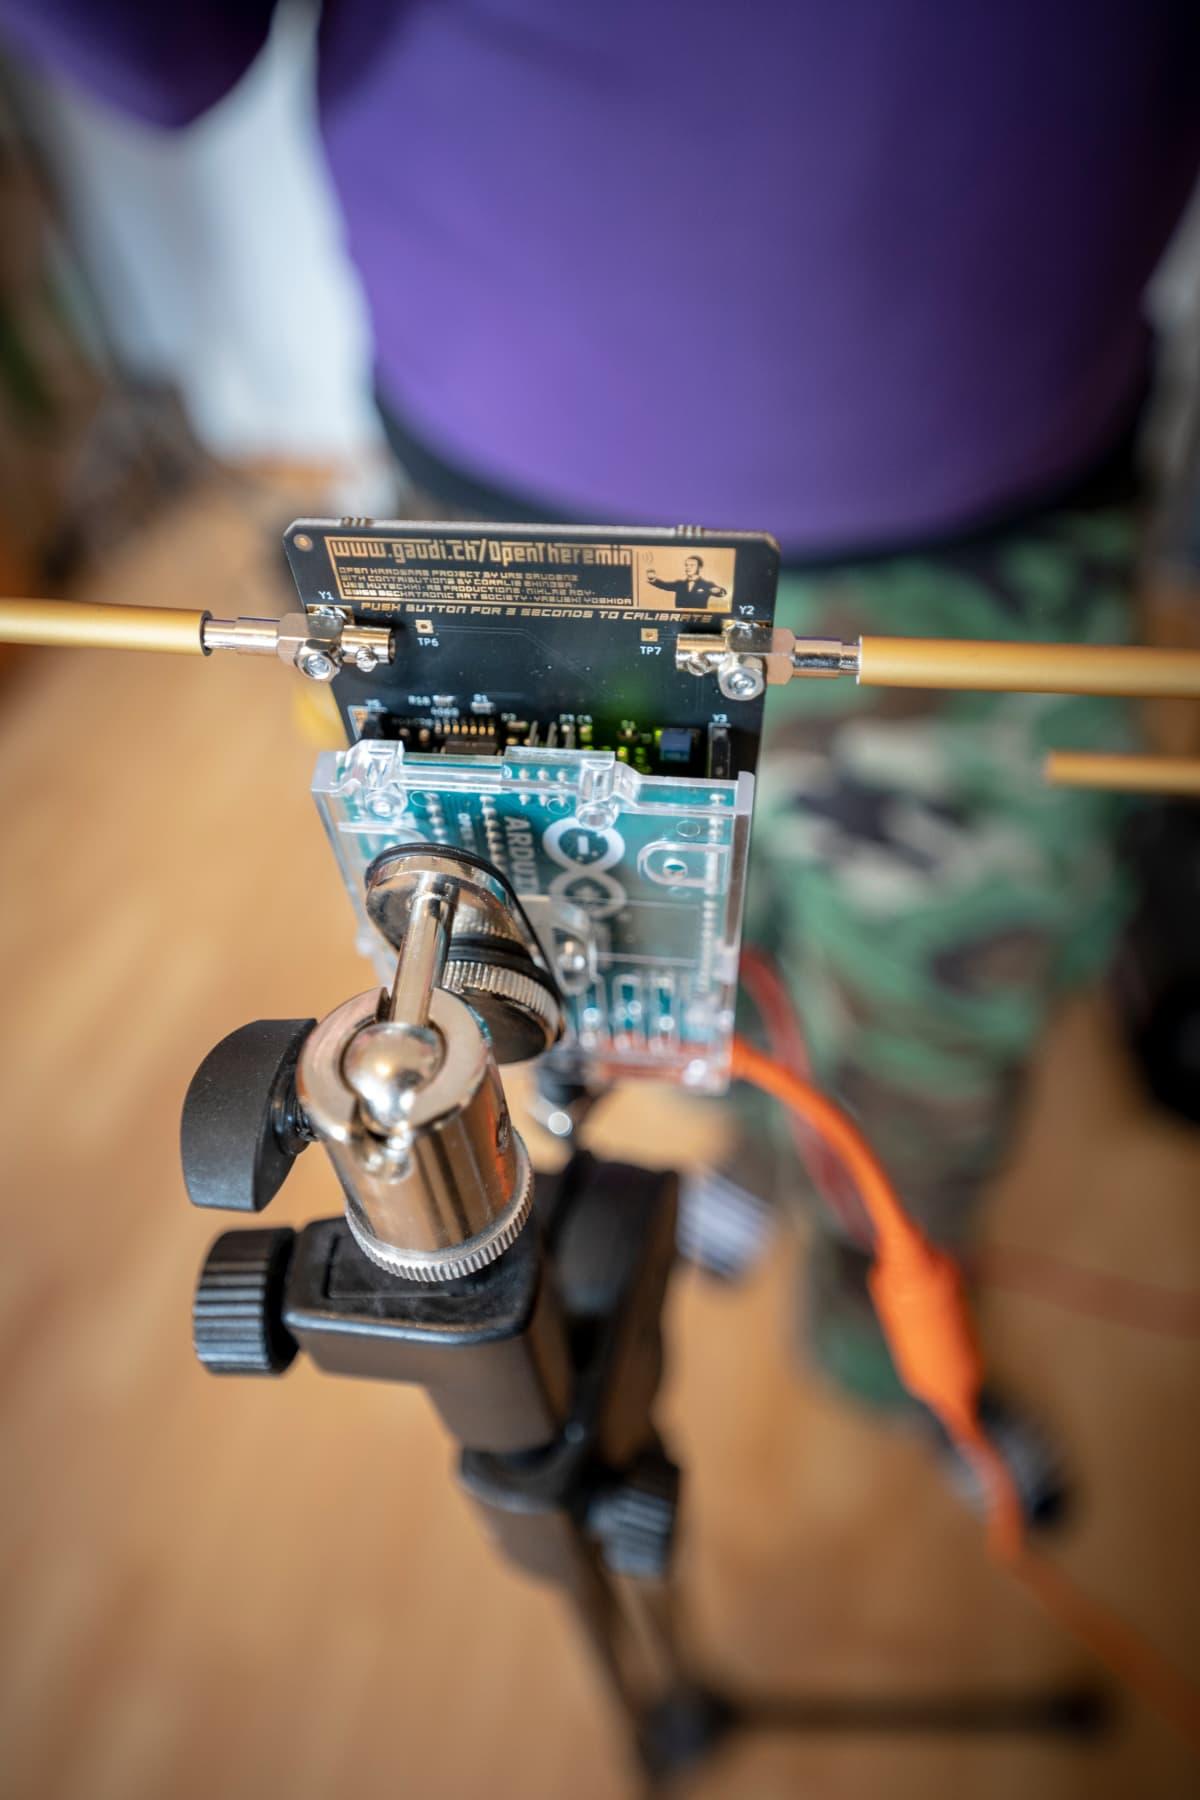 Halvimman thereminin voi rakentaa itse osista noin sadalla eurolla.